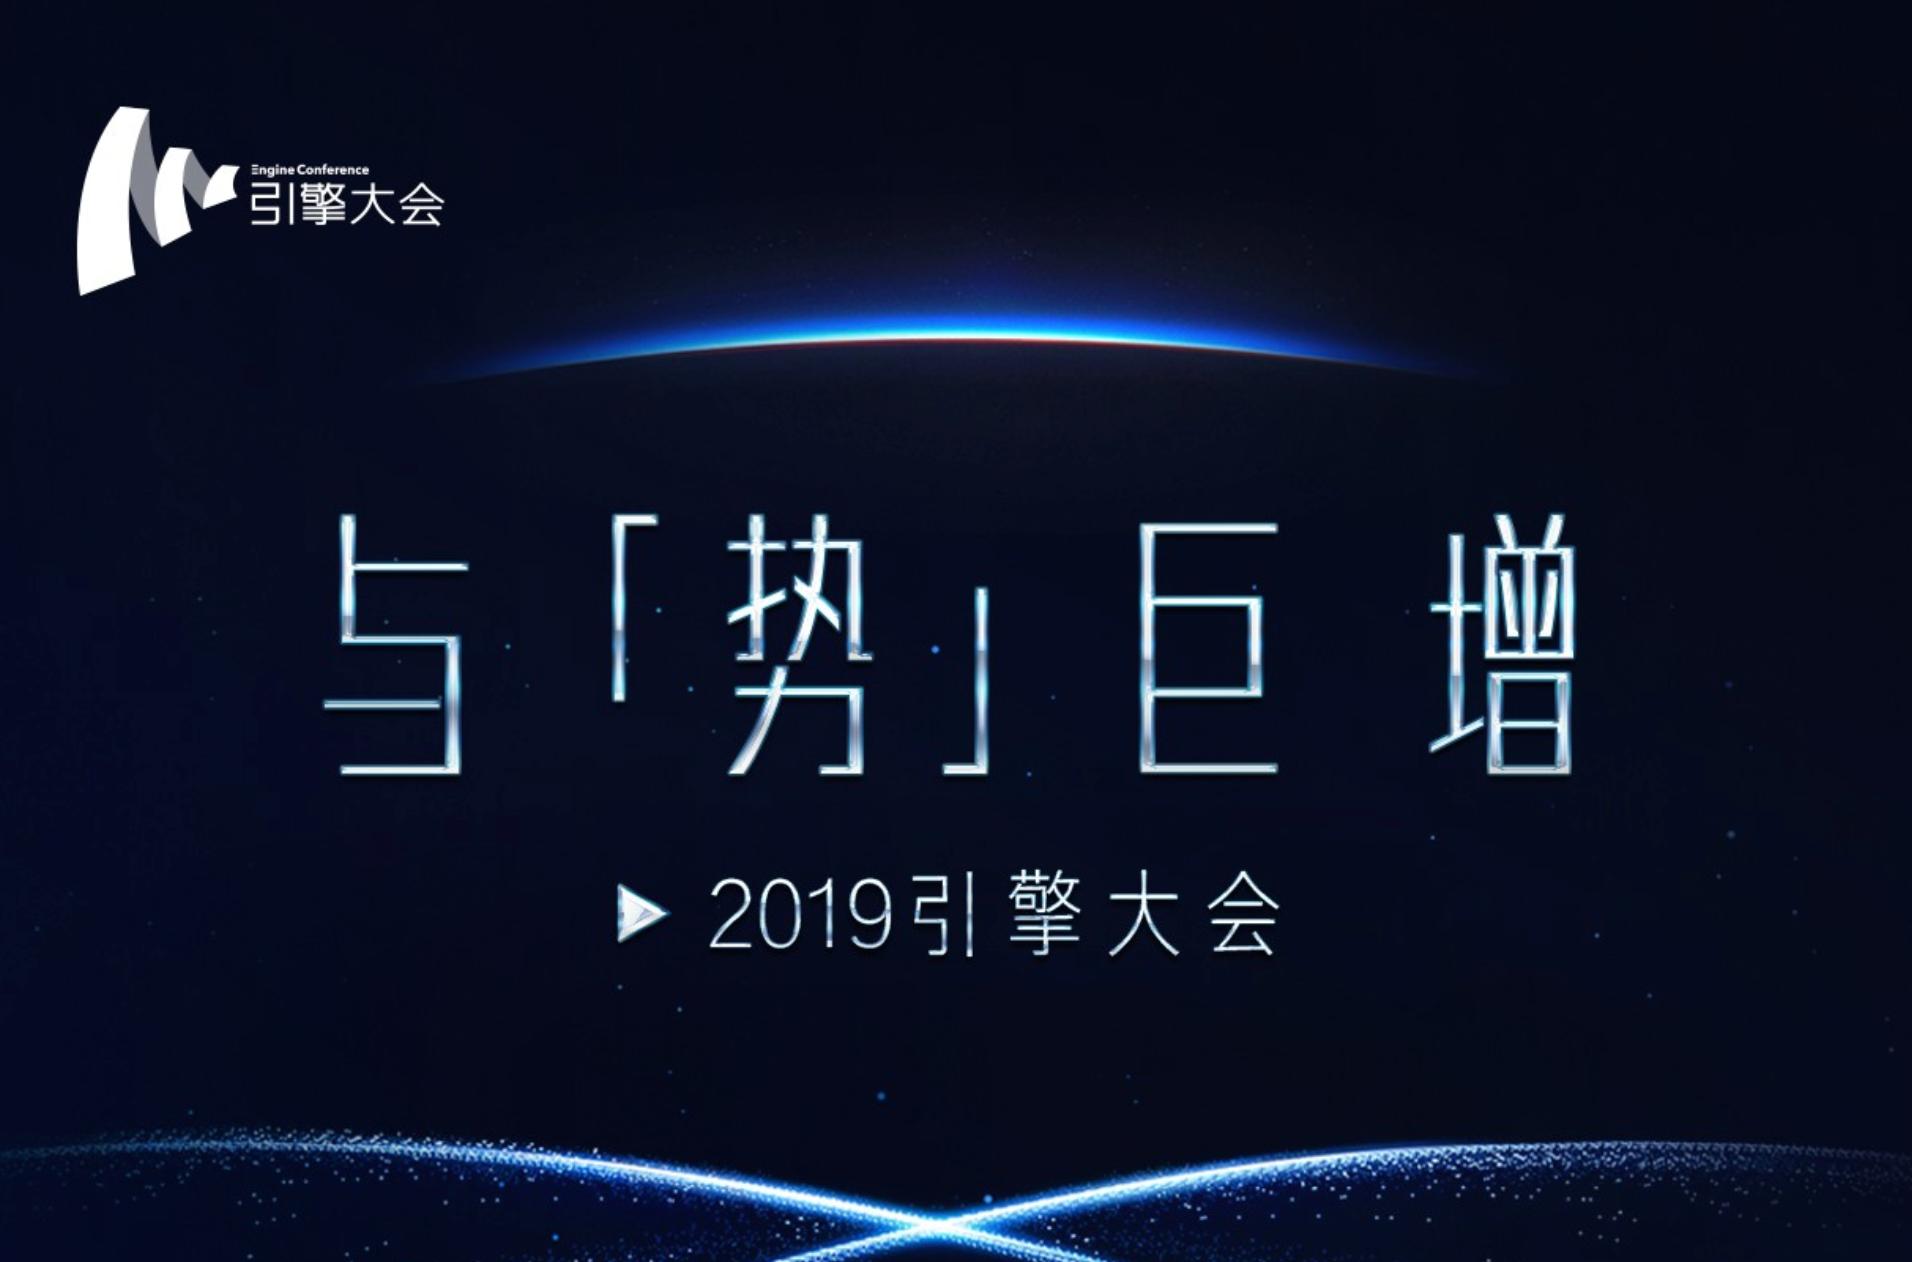 """2019 与""""势""""巨增 引擎大会,明天见"""